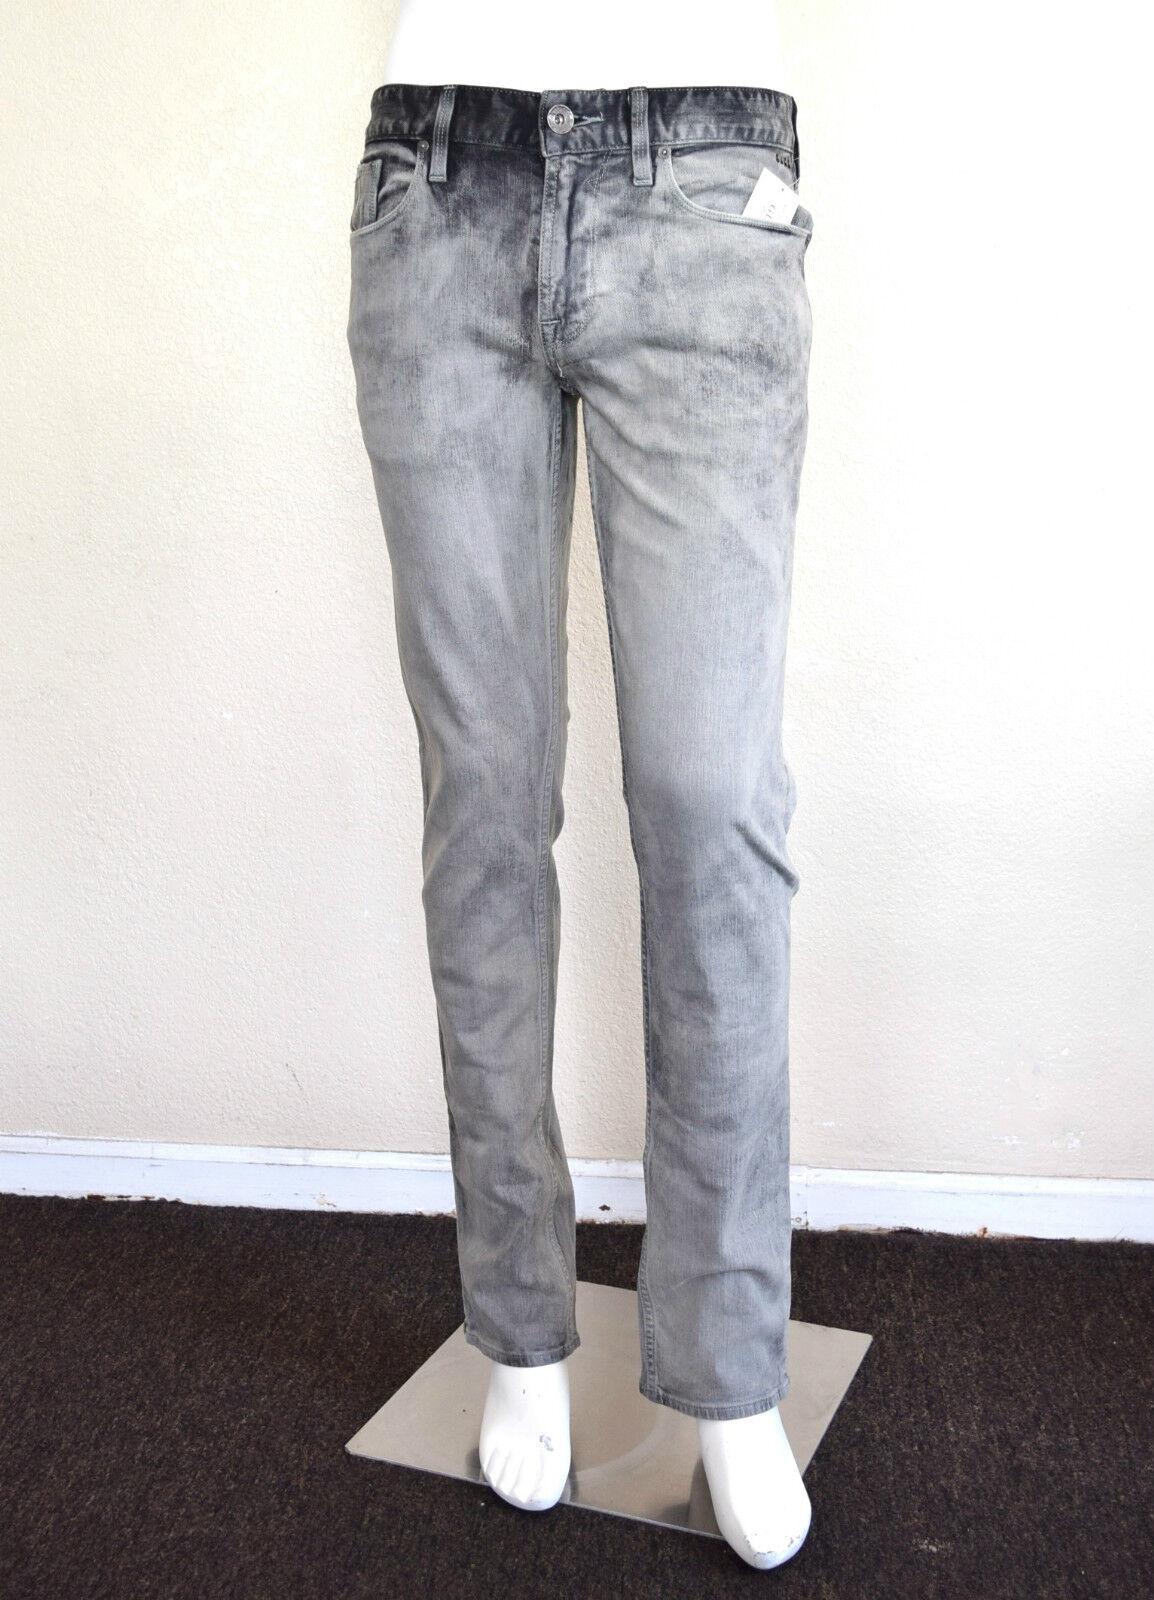 Guess Herren Schmal Gerade Jeans in Grau Grunge Wash Sz 30  | Der neueste Stil  | Internationale Wahl  | Gutes Design